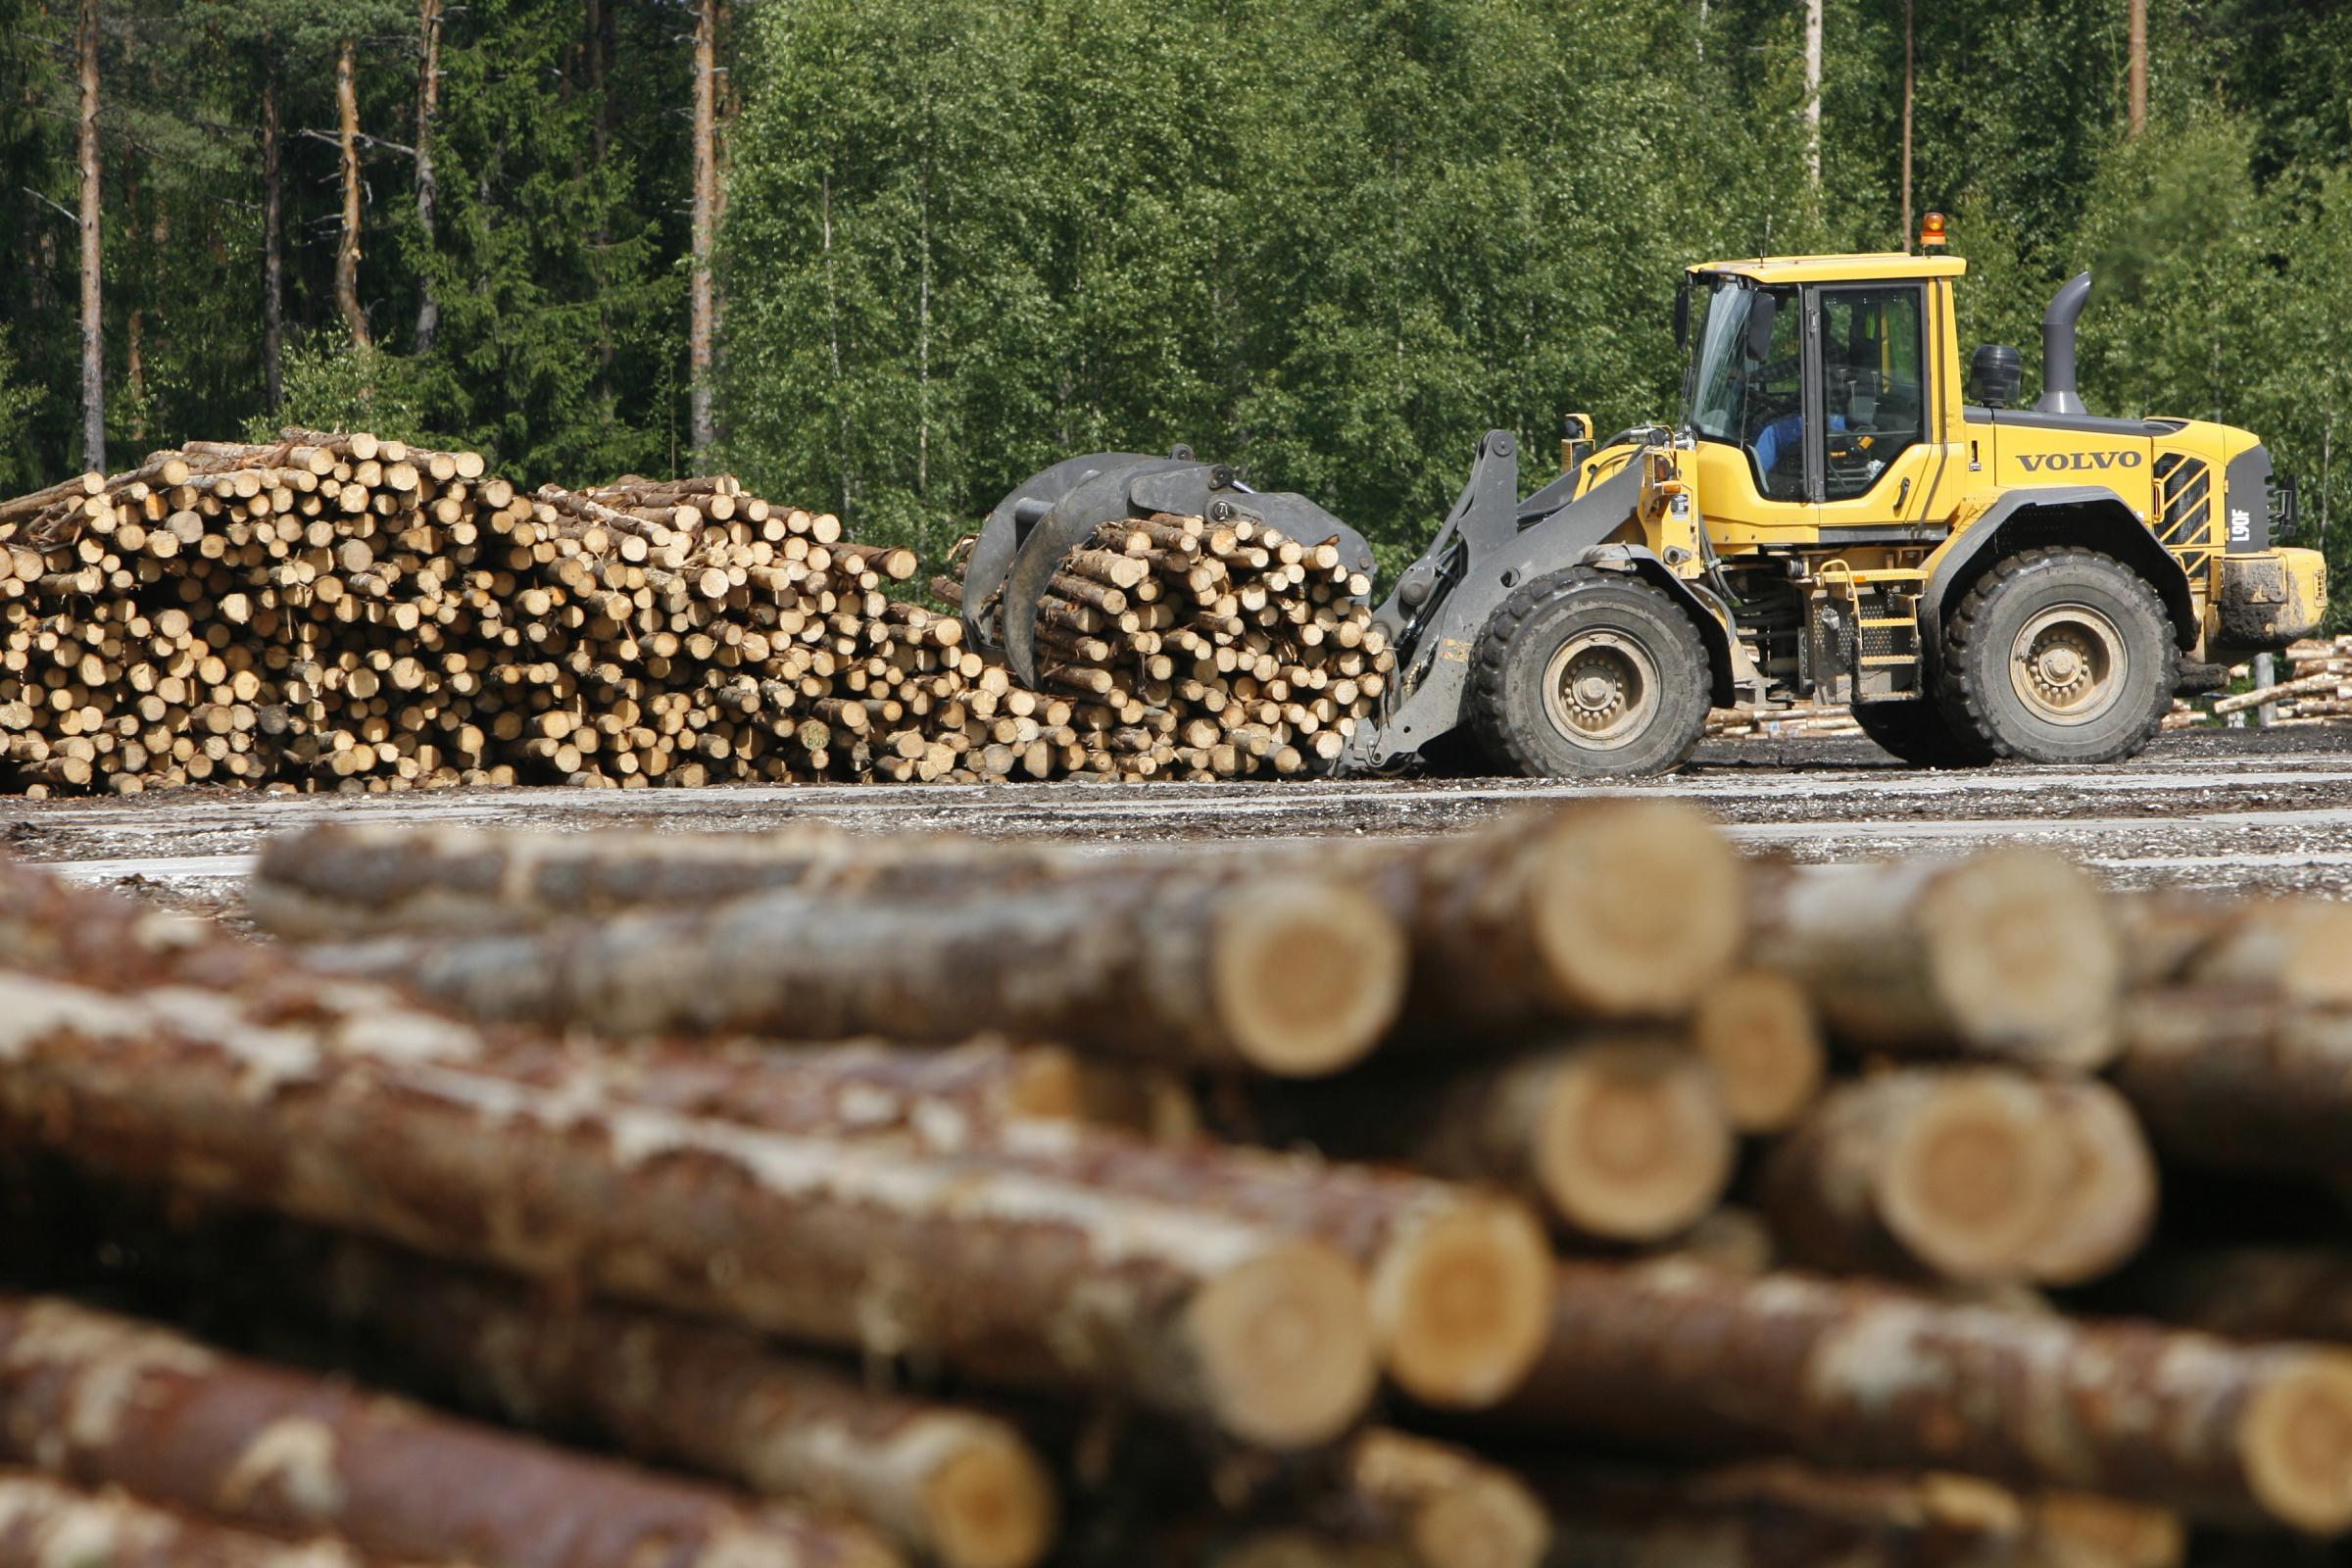 Puidutööstus. Foto: PEETER LANGOVITS/POSTIMEES/SCANPIX